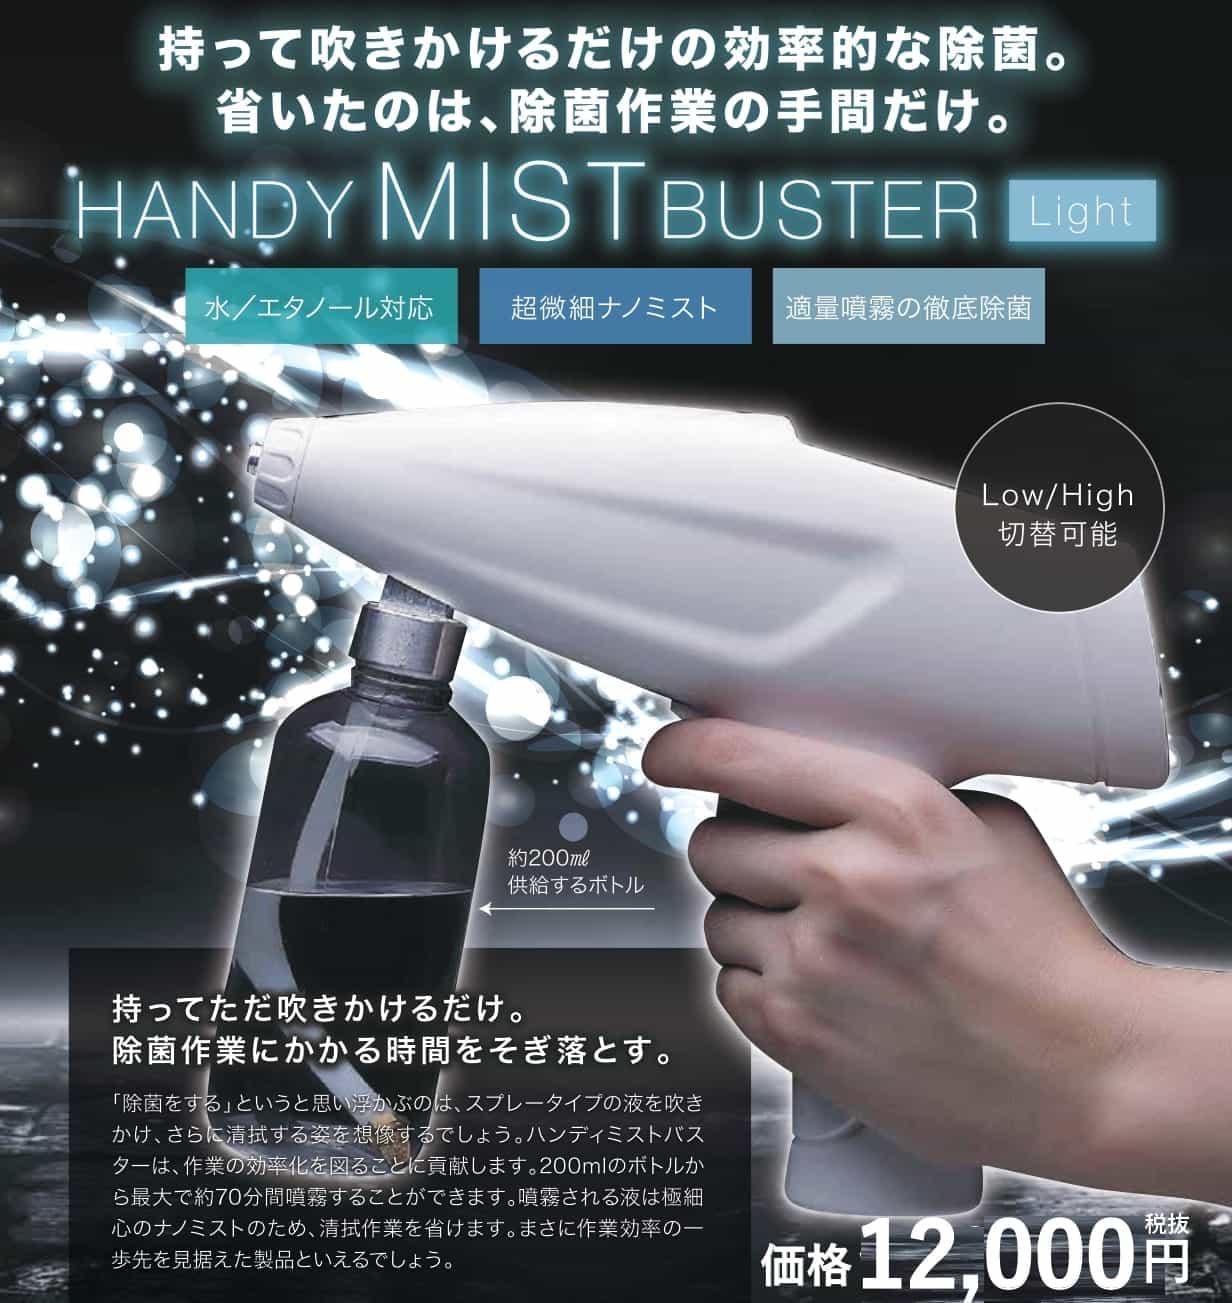 【送料無料!】  ハンディミストバスター・ライト ※ご入金・決済から2~3営業日で発送